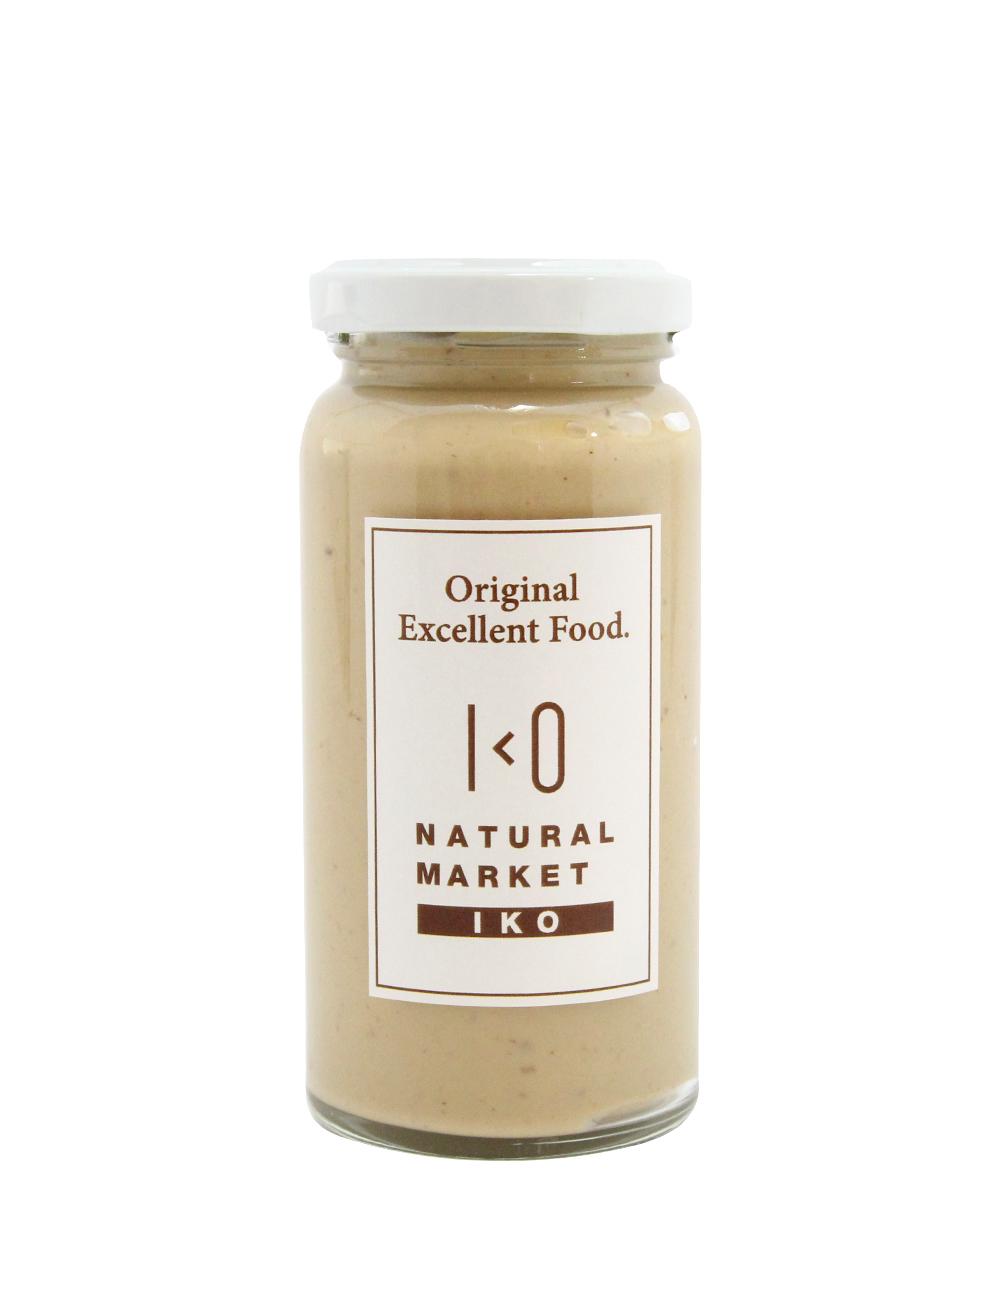 熟成黒にんにくマヨネーズ IKO 綿実油・米黒酢使用